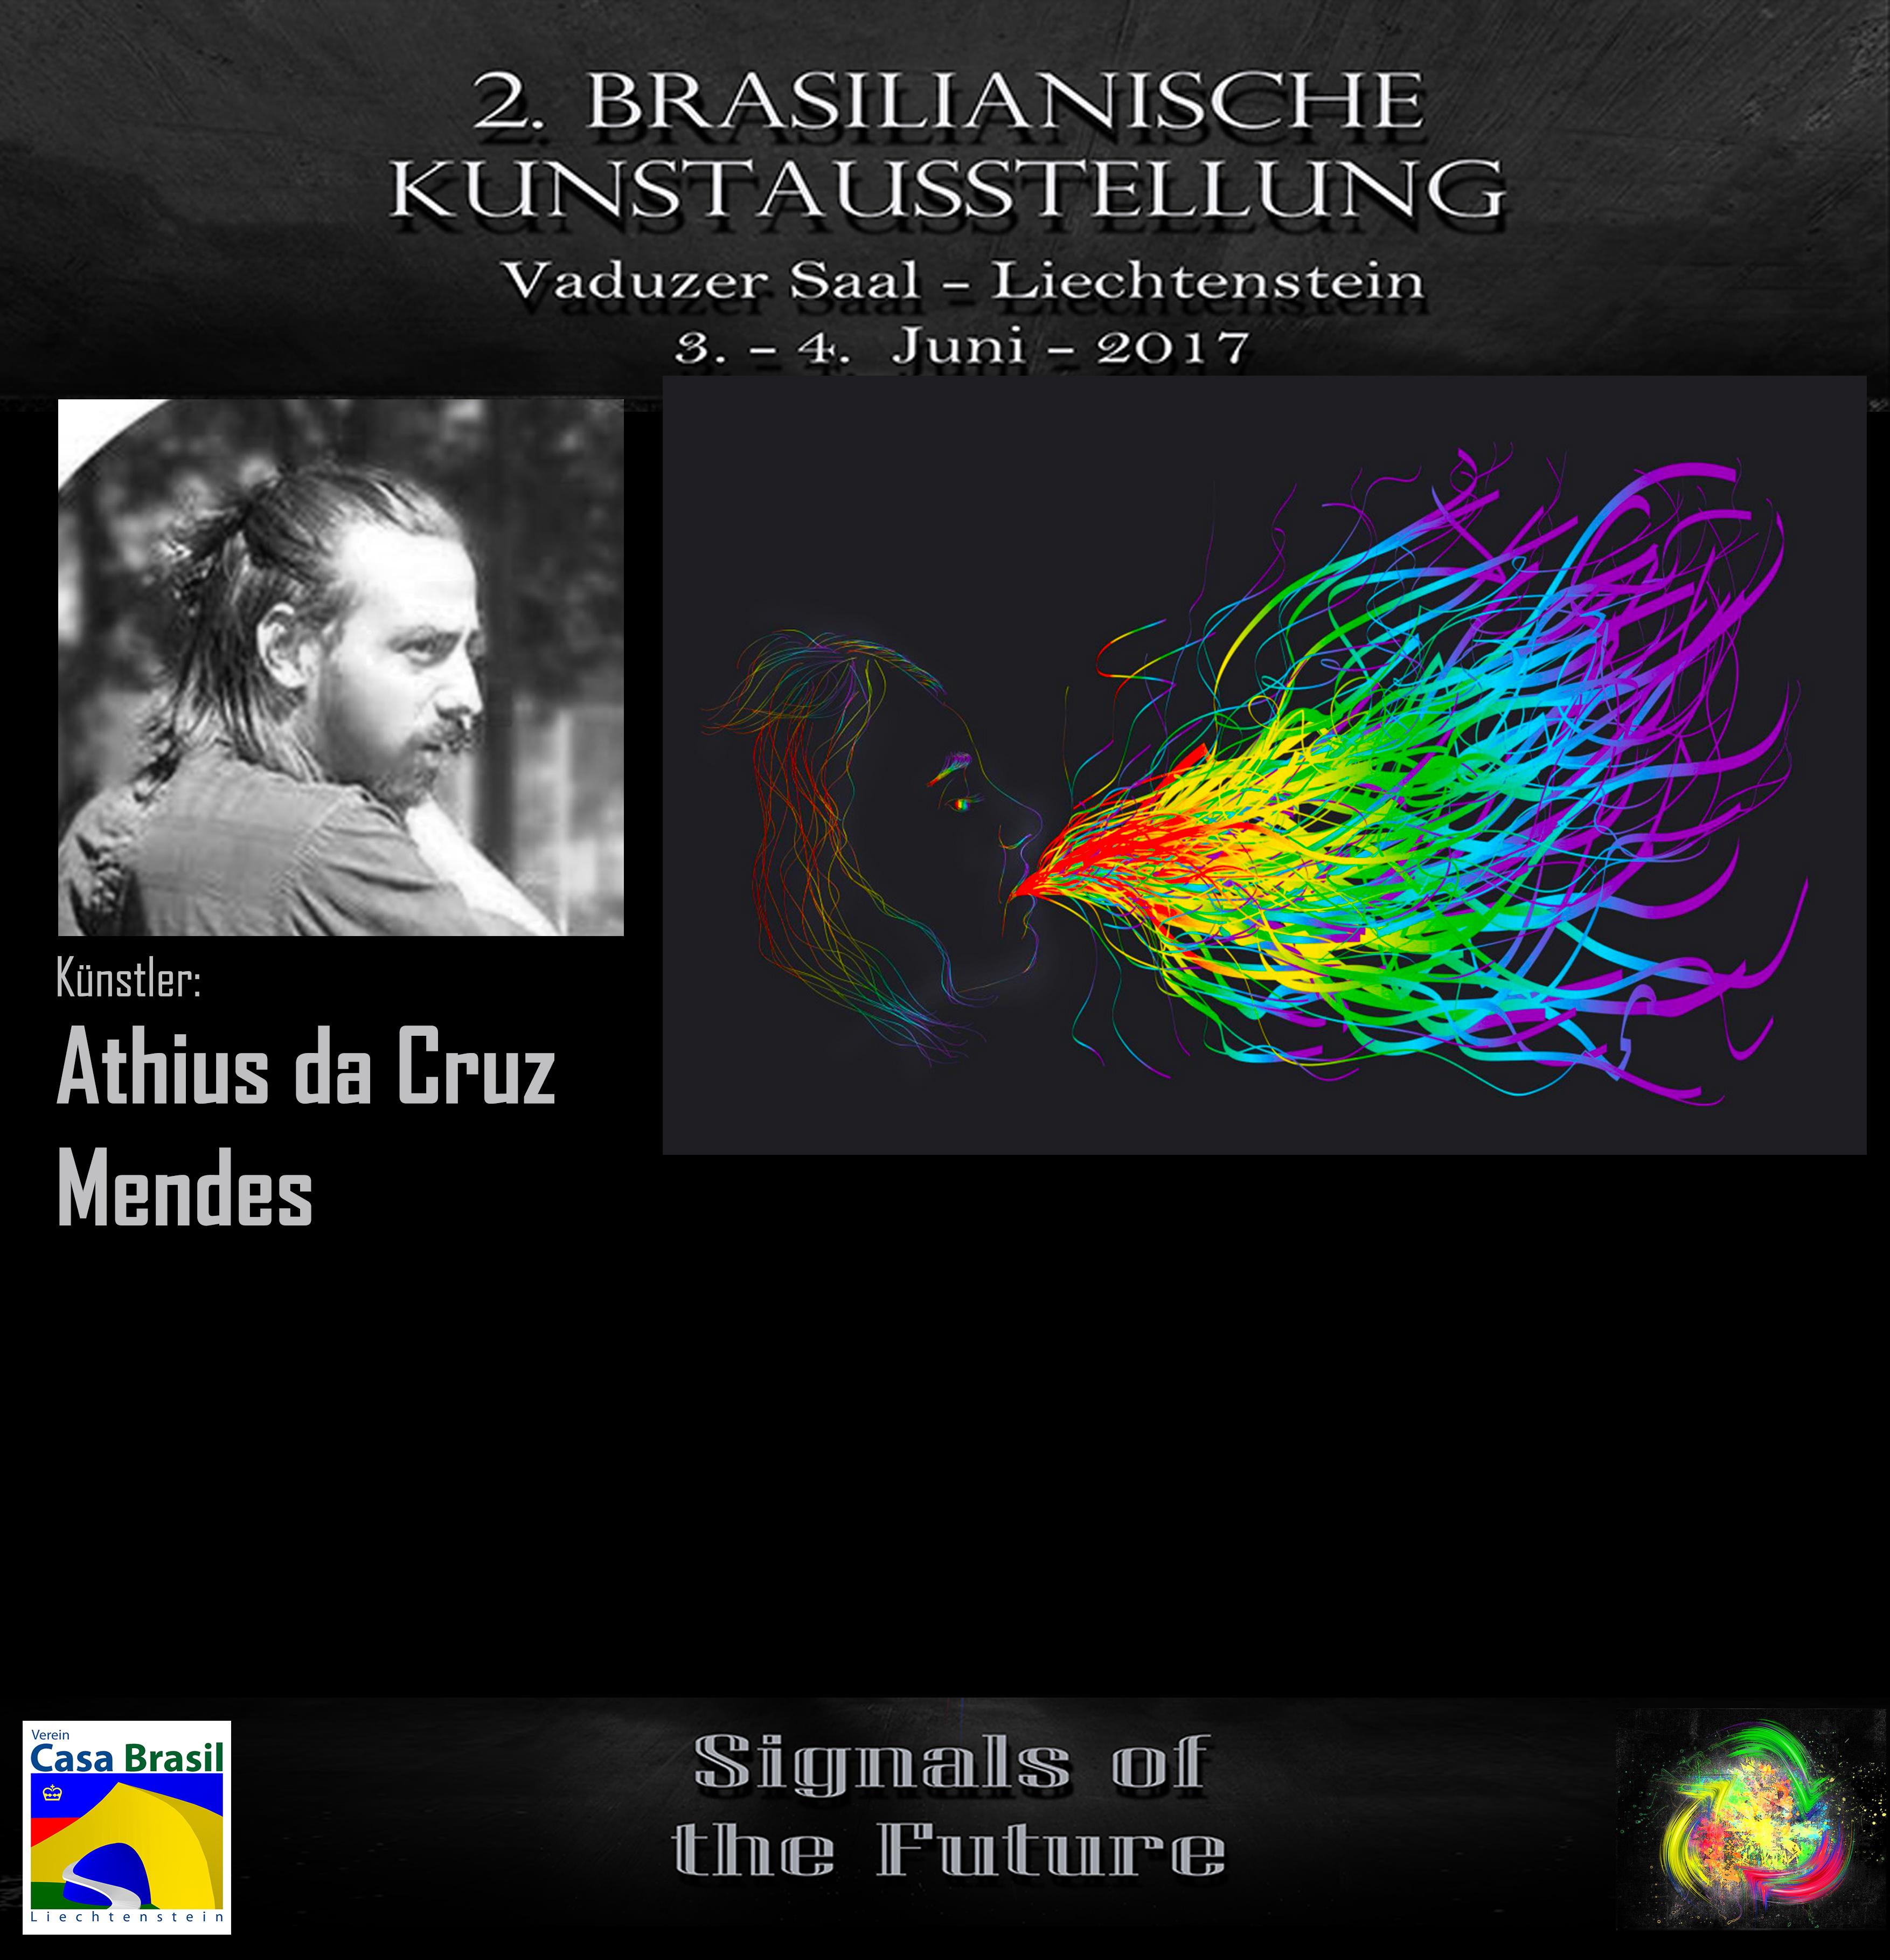 Athius da Cruz Mendes